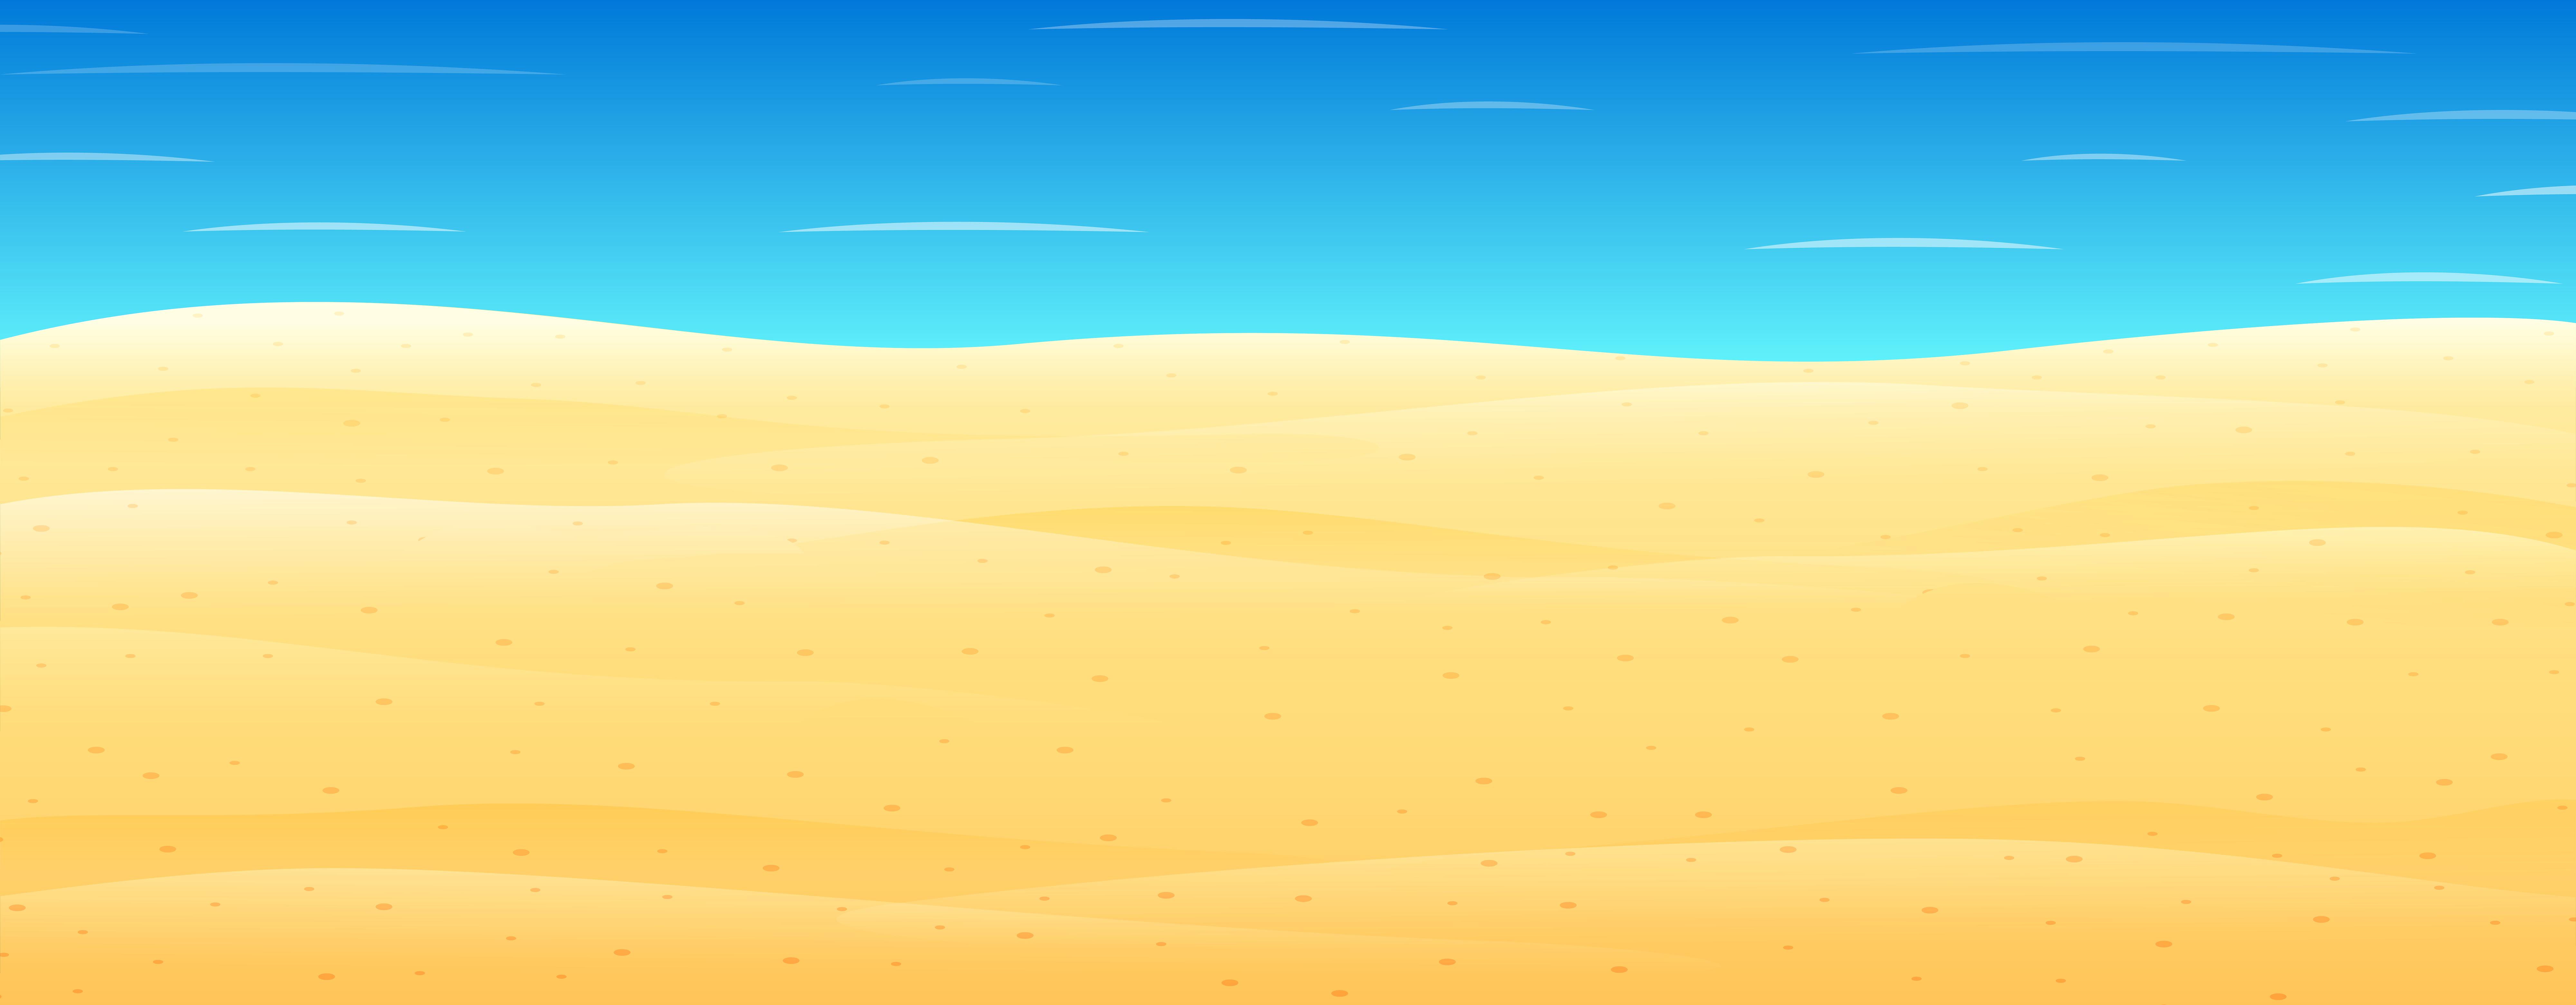 Sand clipart #12